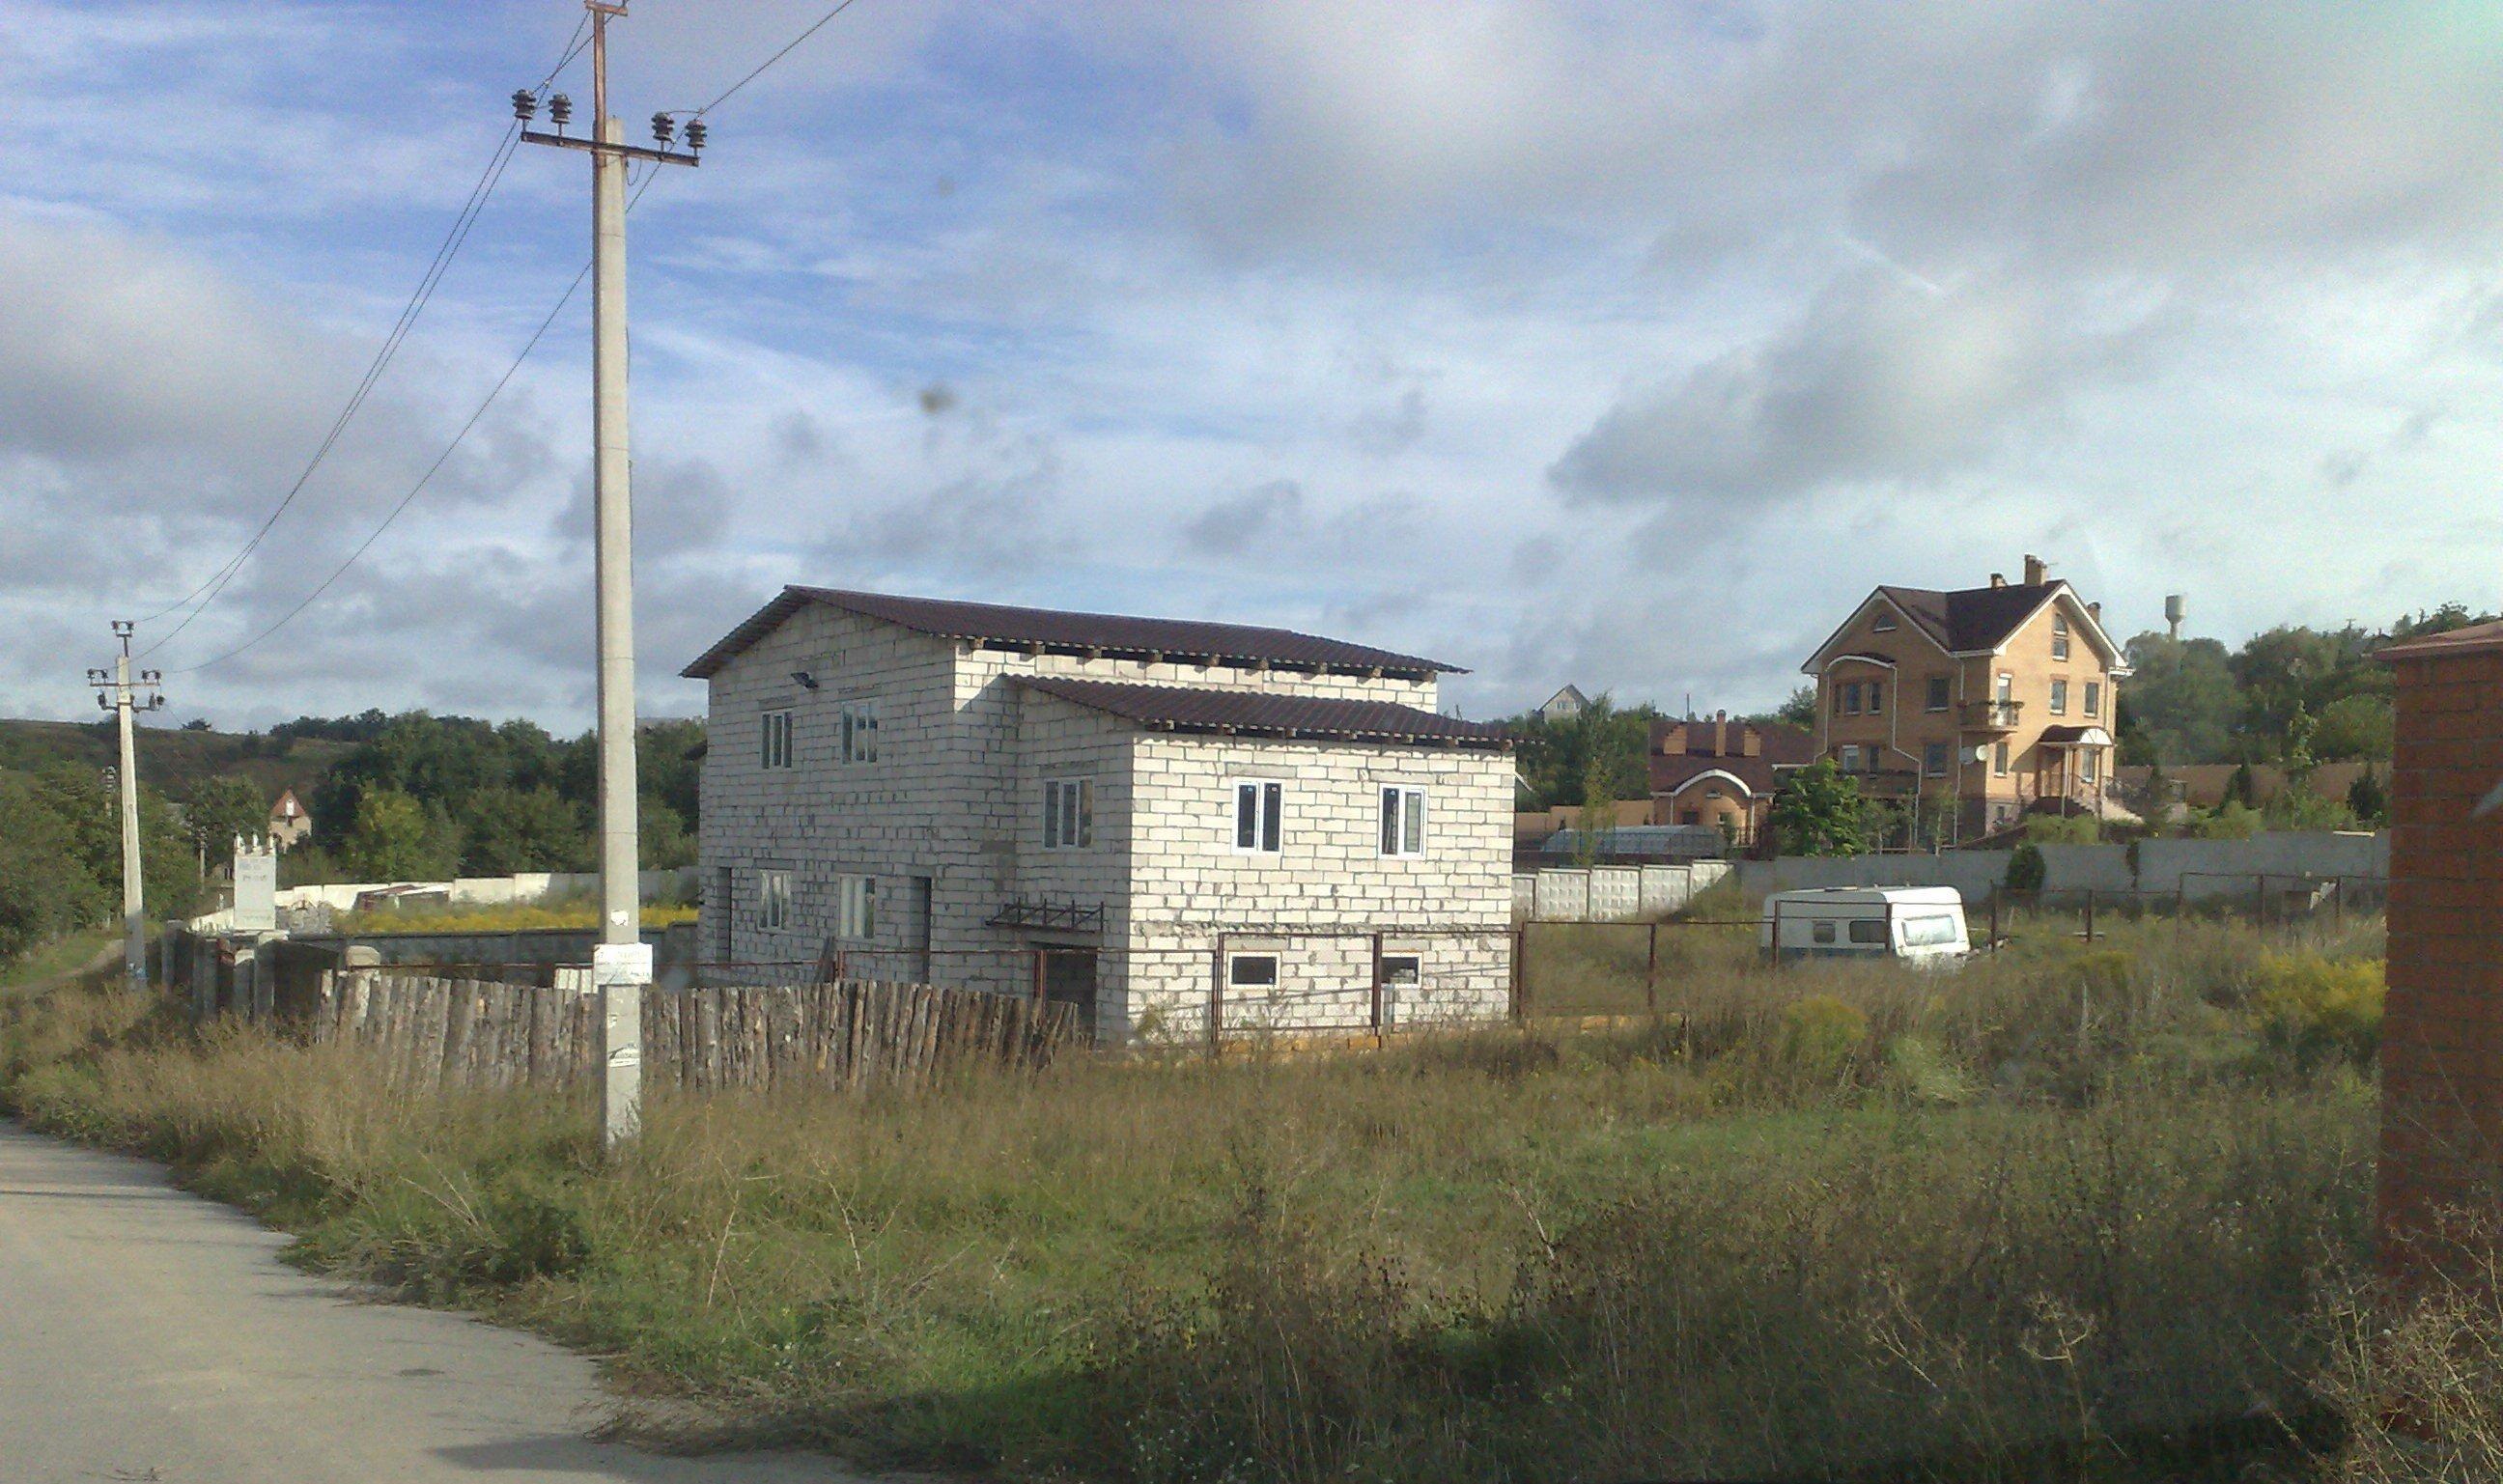 Фото: Продам дуплекс в місті Гвоздів. Оголошення № 4960